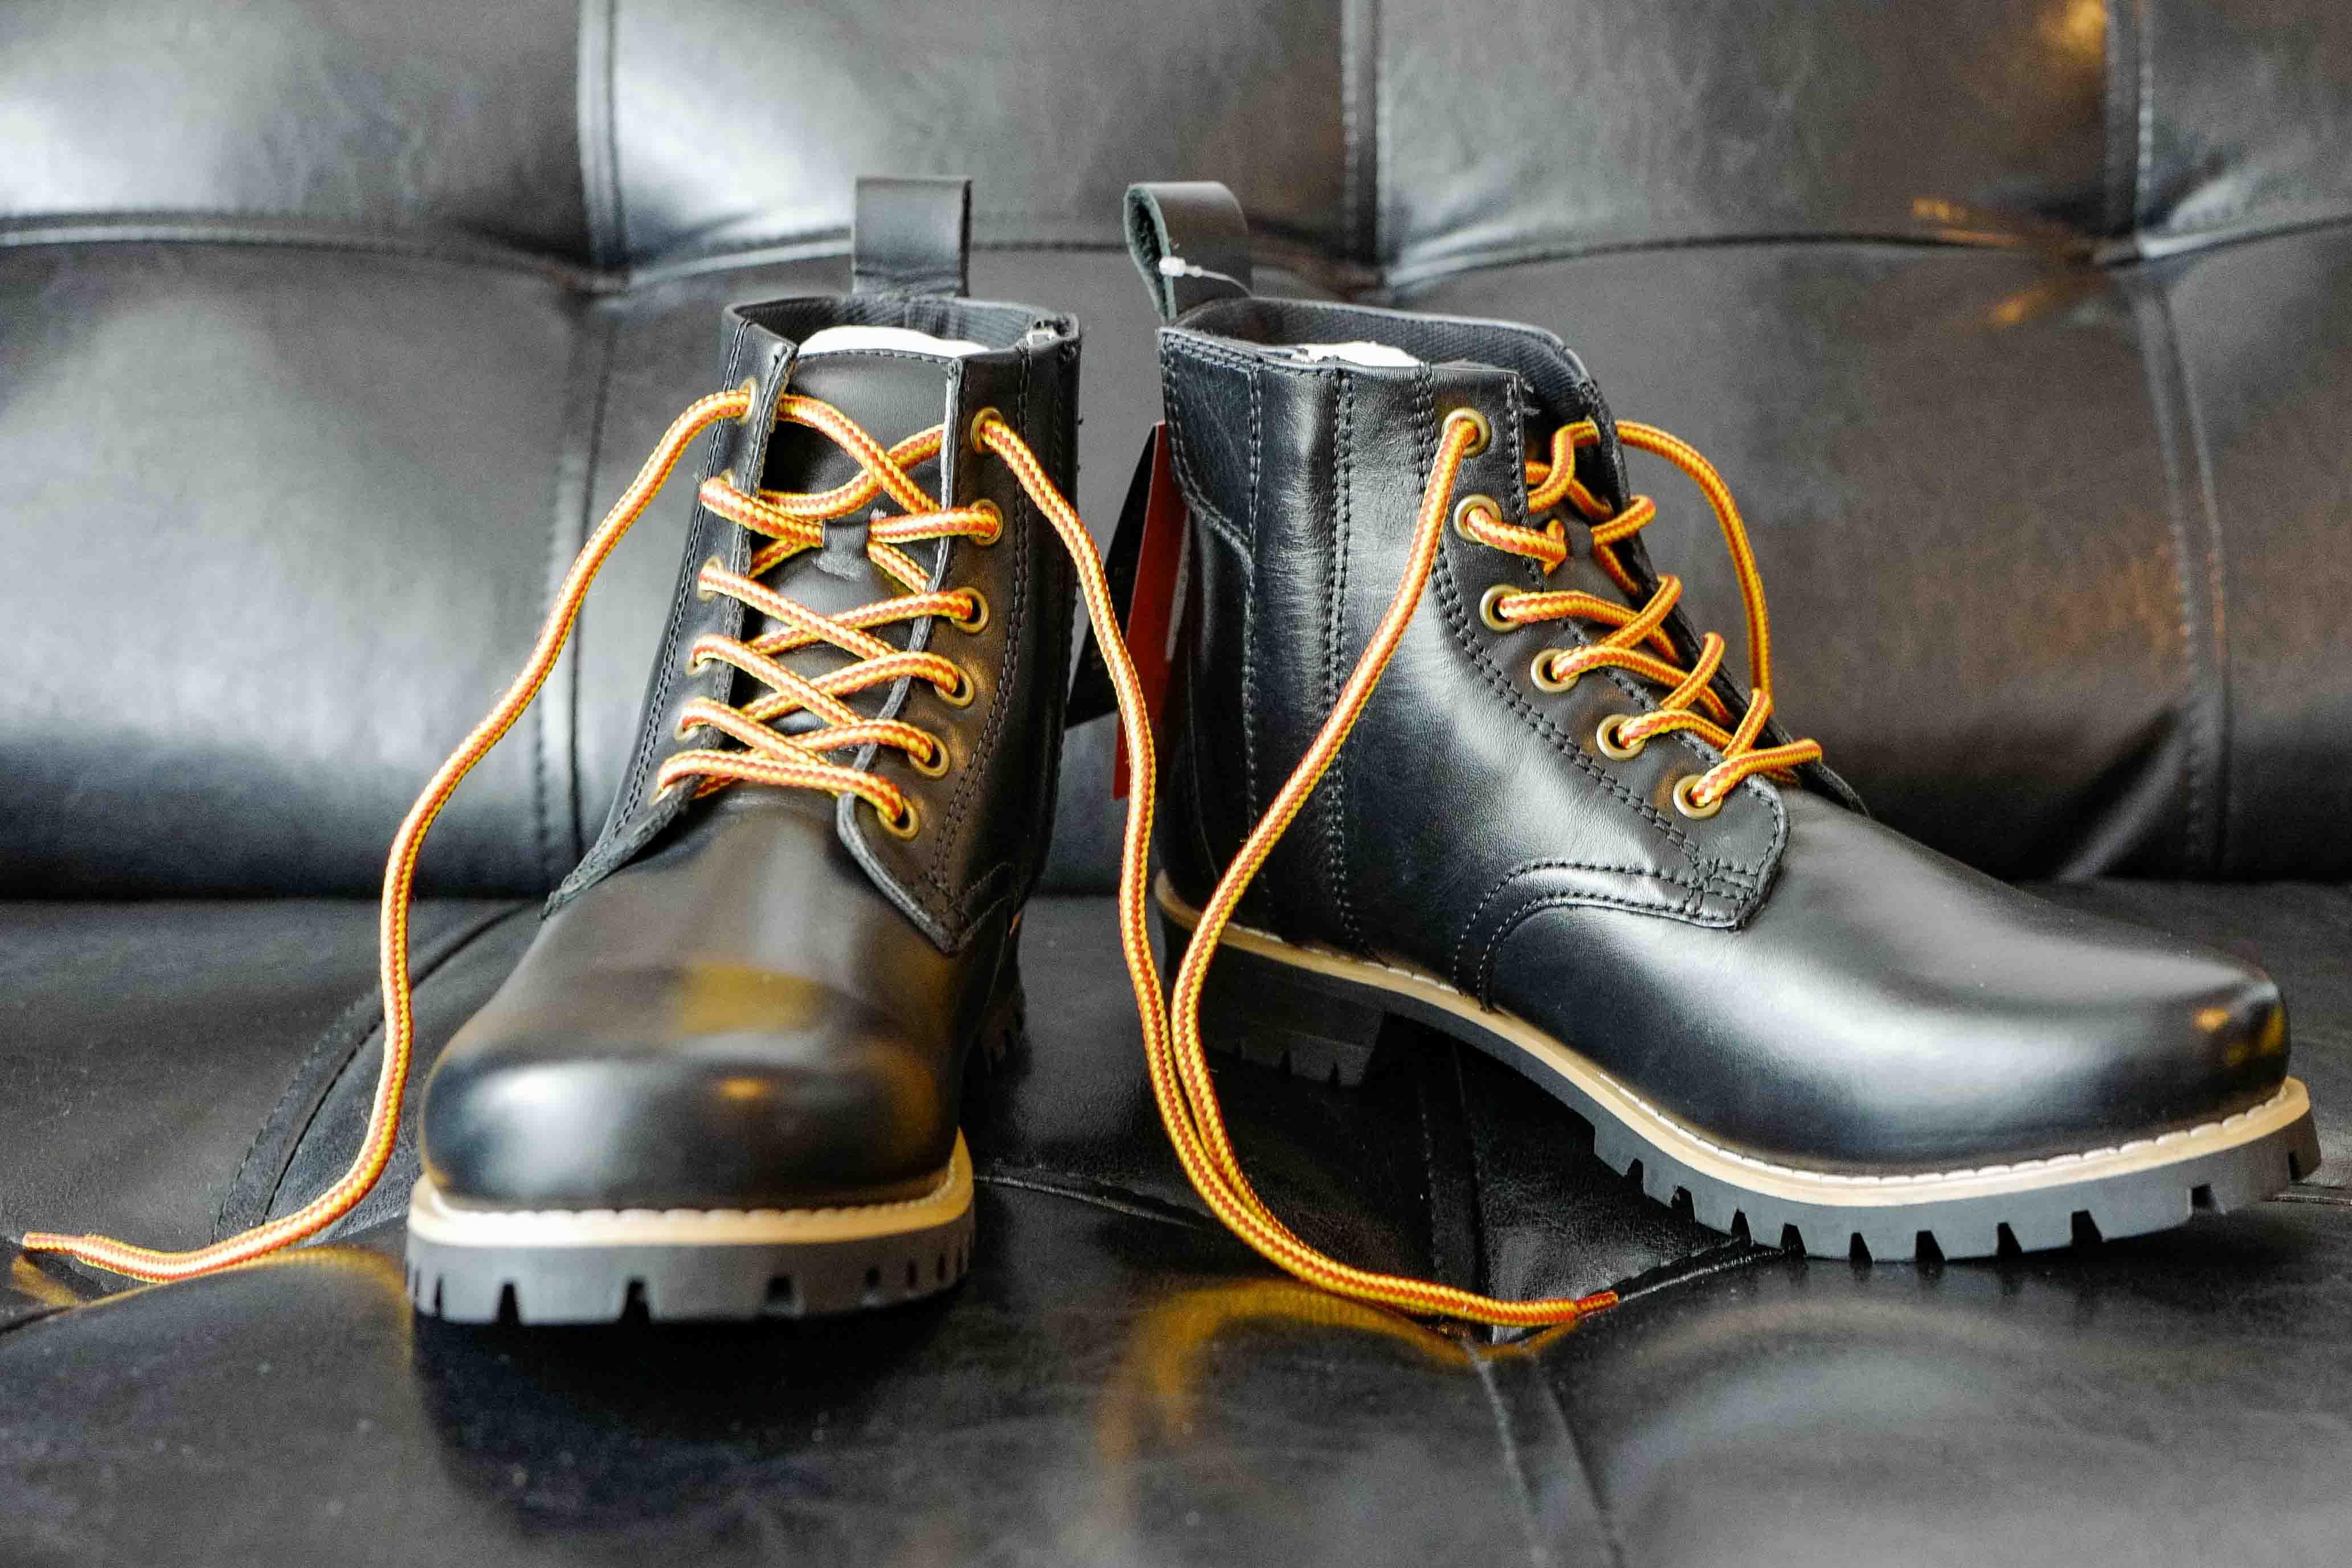 【比較まとめ!】バイク用 ブーツはこれがおすすめ!デイトナ ヘンリービギンズ HBS-003 ショートブーツ!定番4種類と比較してみたよ!